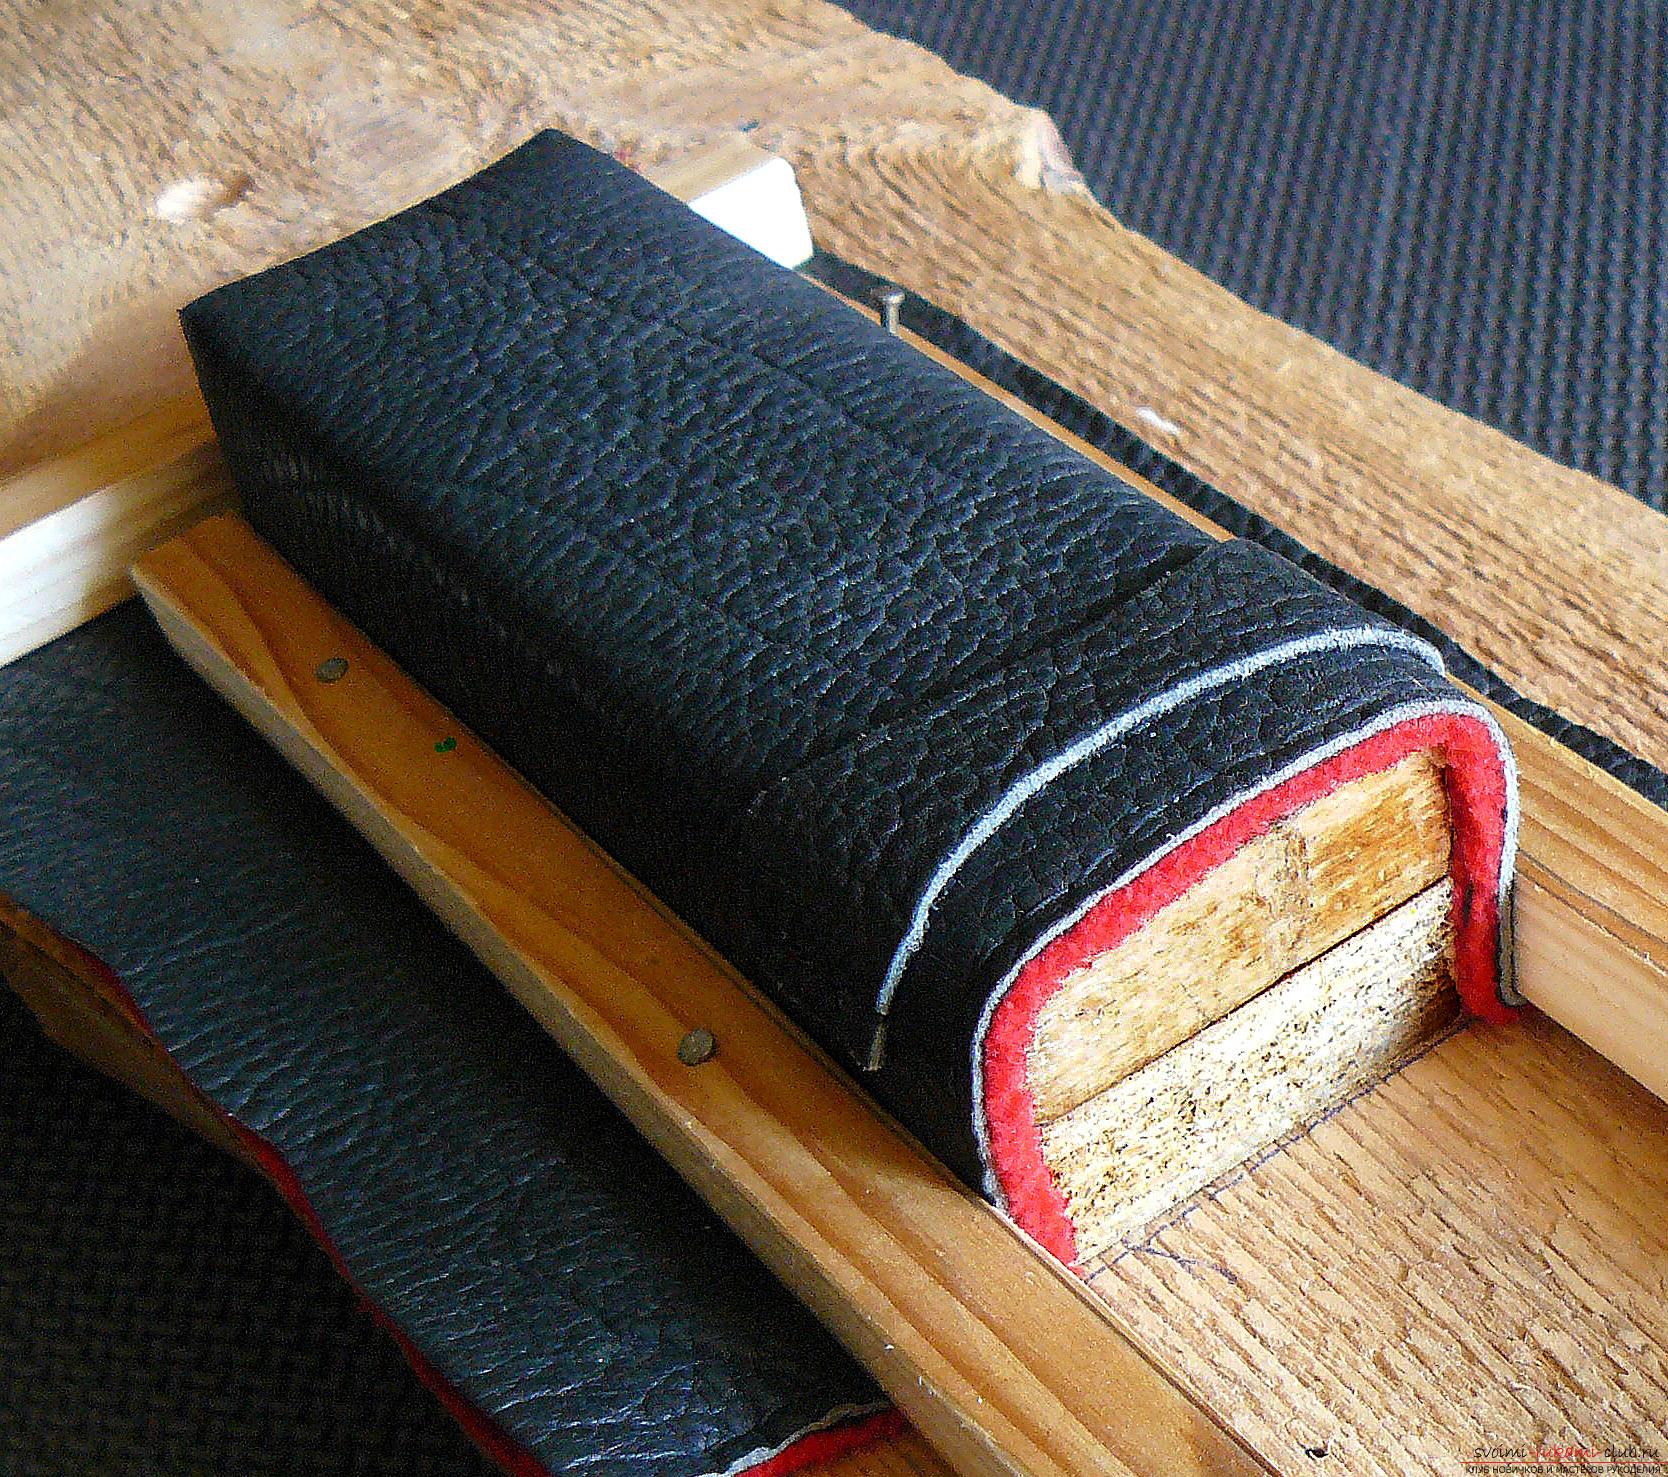 Этот подробный мастер-класс с фото и описанием научит как сделать своими руками кожаный чехол для очков.. Фото №9